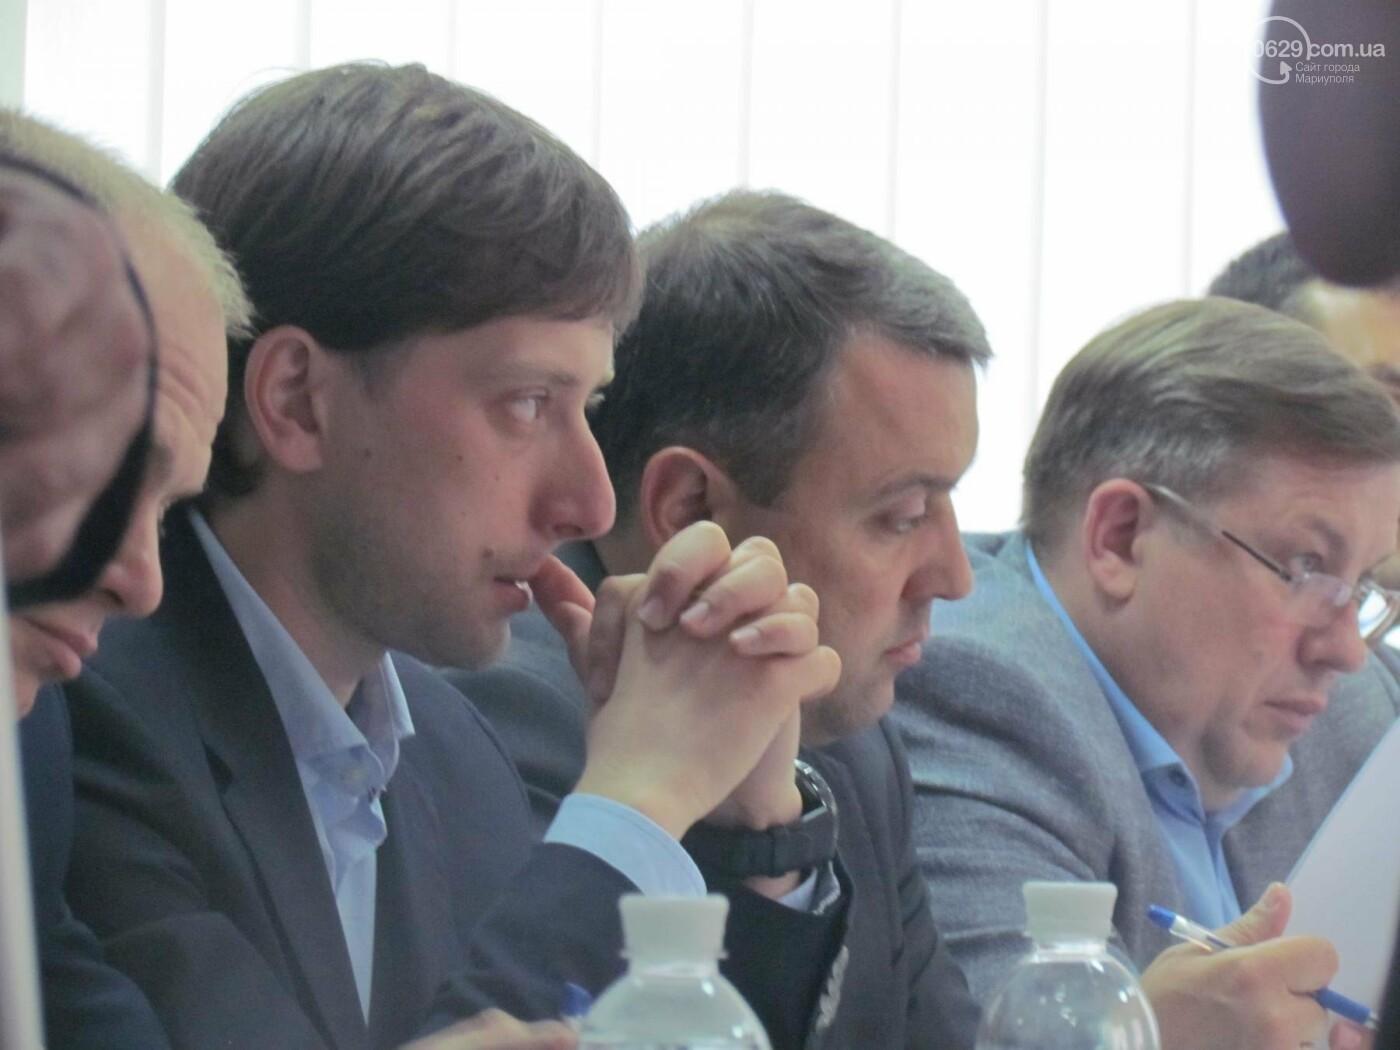 В Мариуполе отчитались об исполнении бюджета: всё идет по амбициозному плану, - ФОТО, фото-2